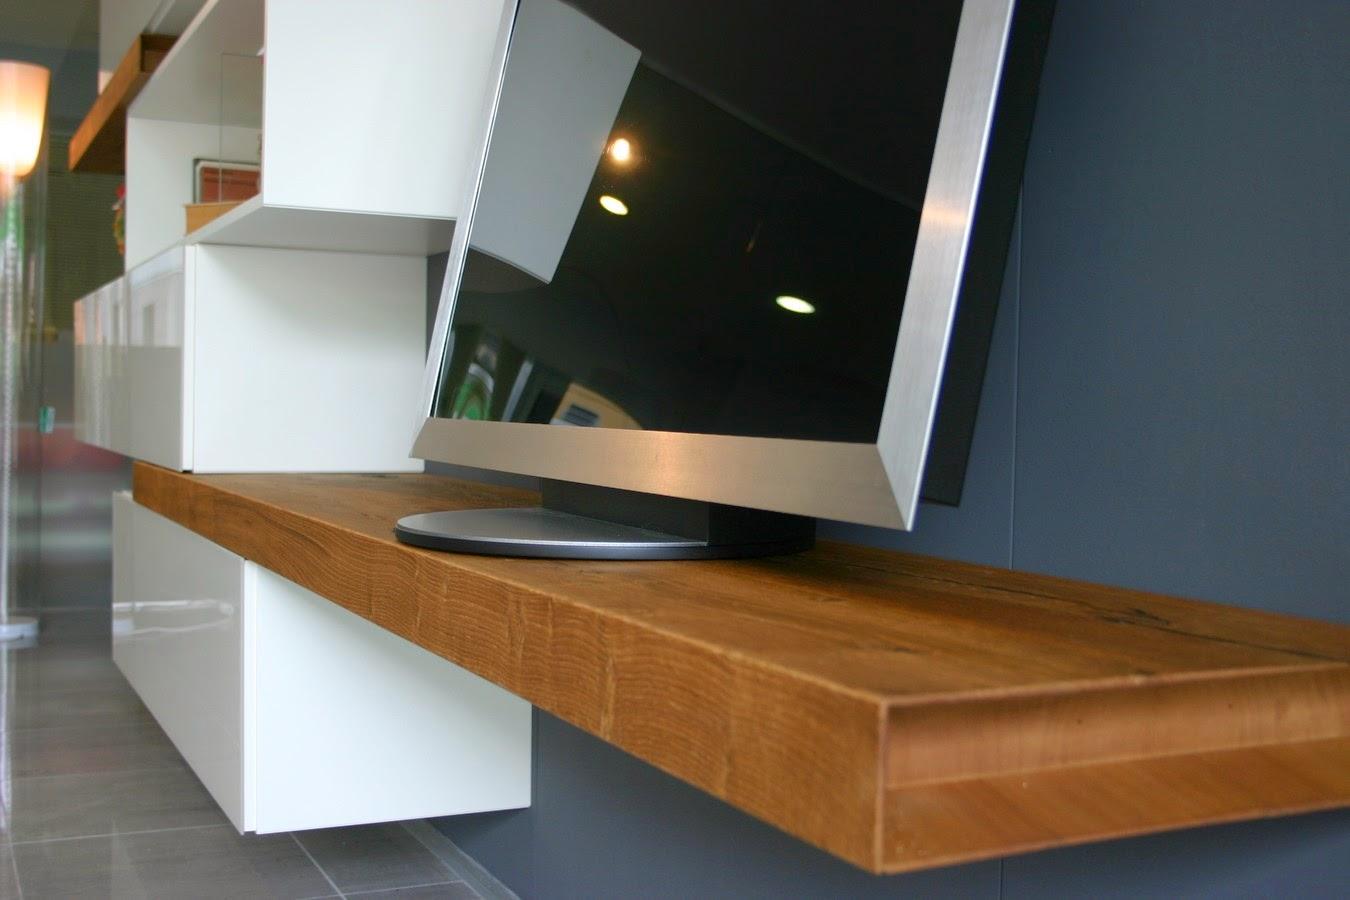 Soggiorni moderni carminati e sonzognicarminati e sonzogni for Mobili soggiorno moderni in legno